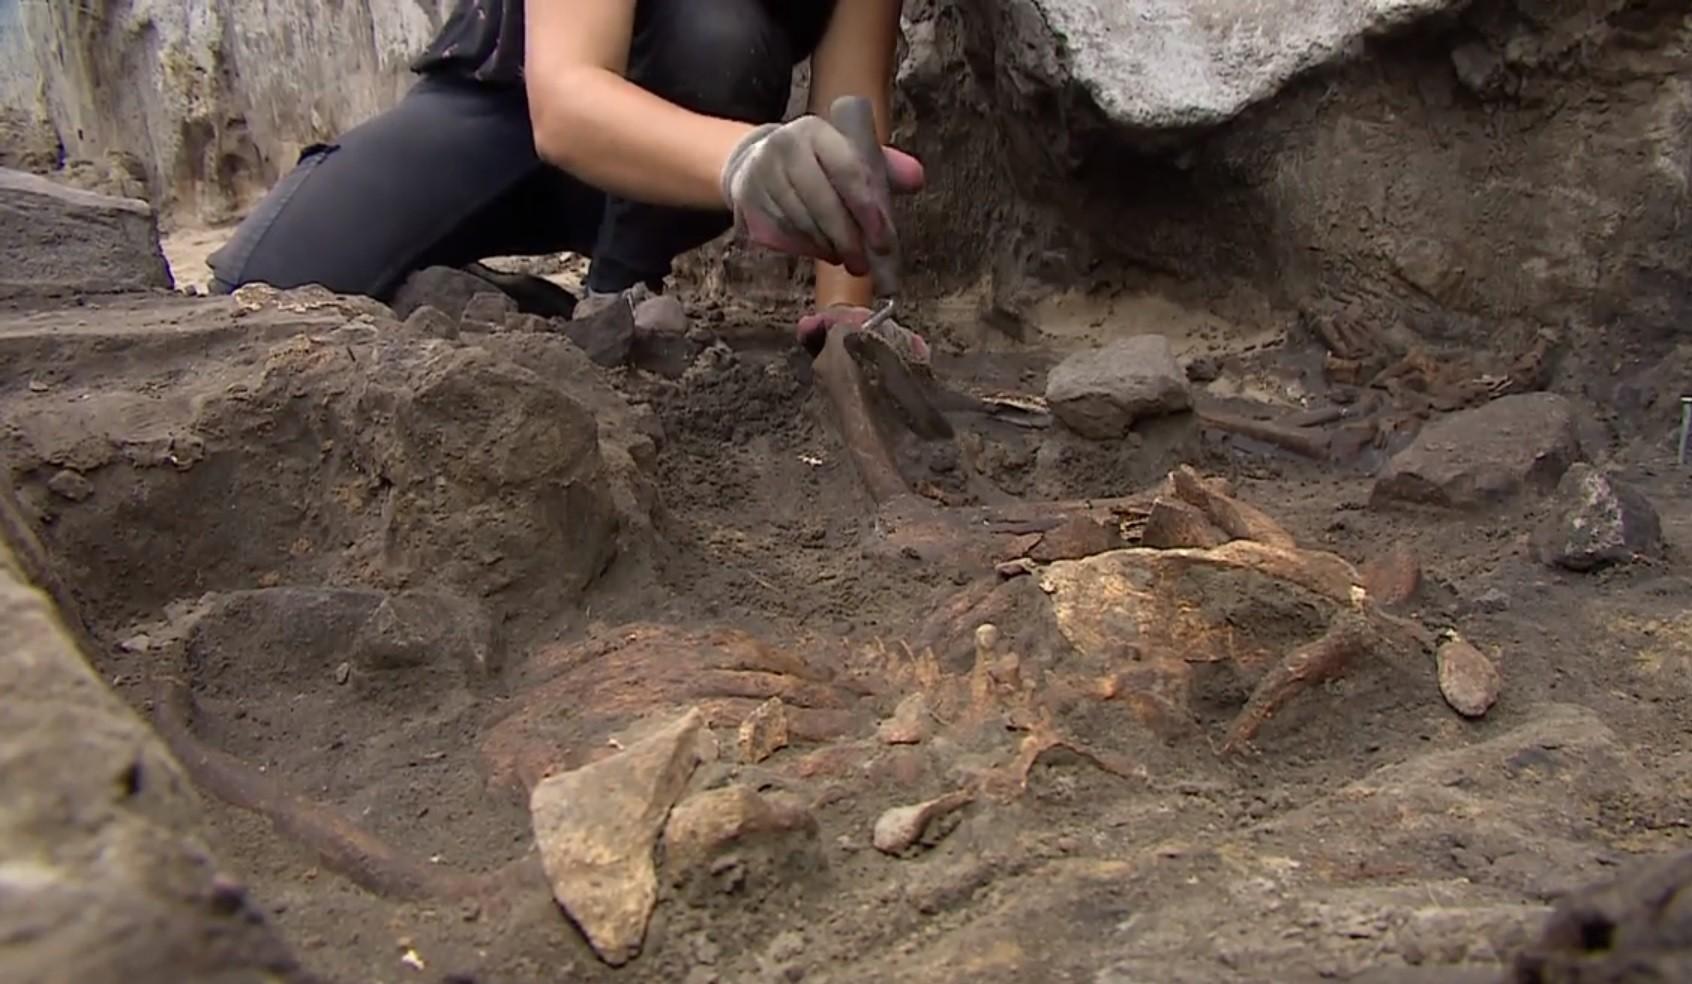 mogiły, eliksir, hybrydy, archeologów odkrycie wielkie